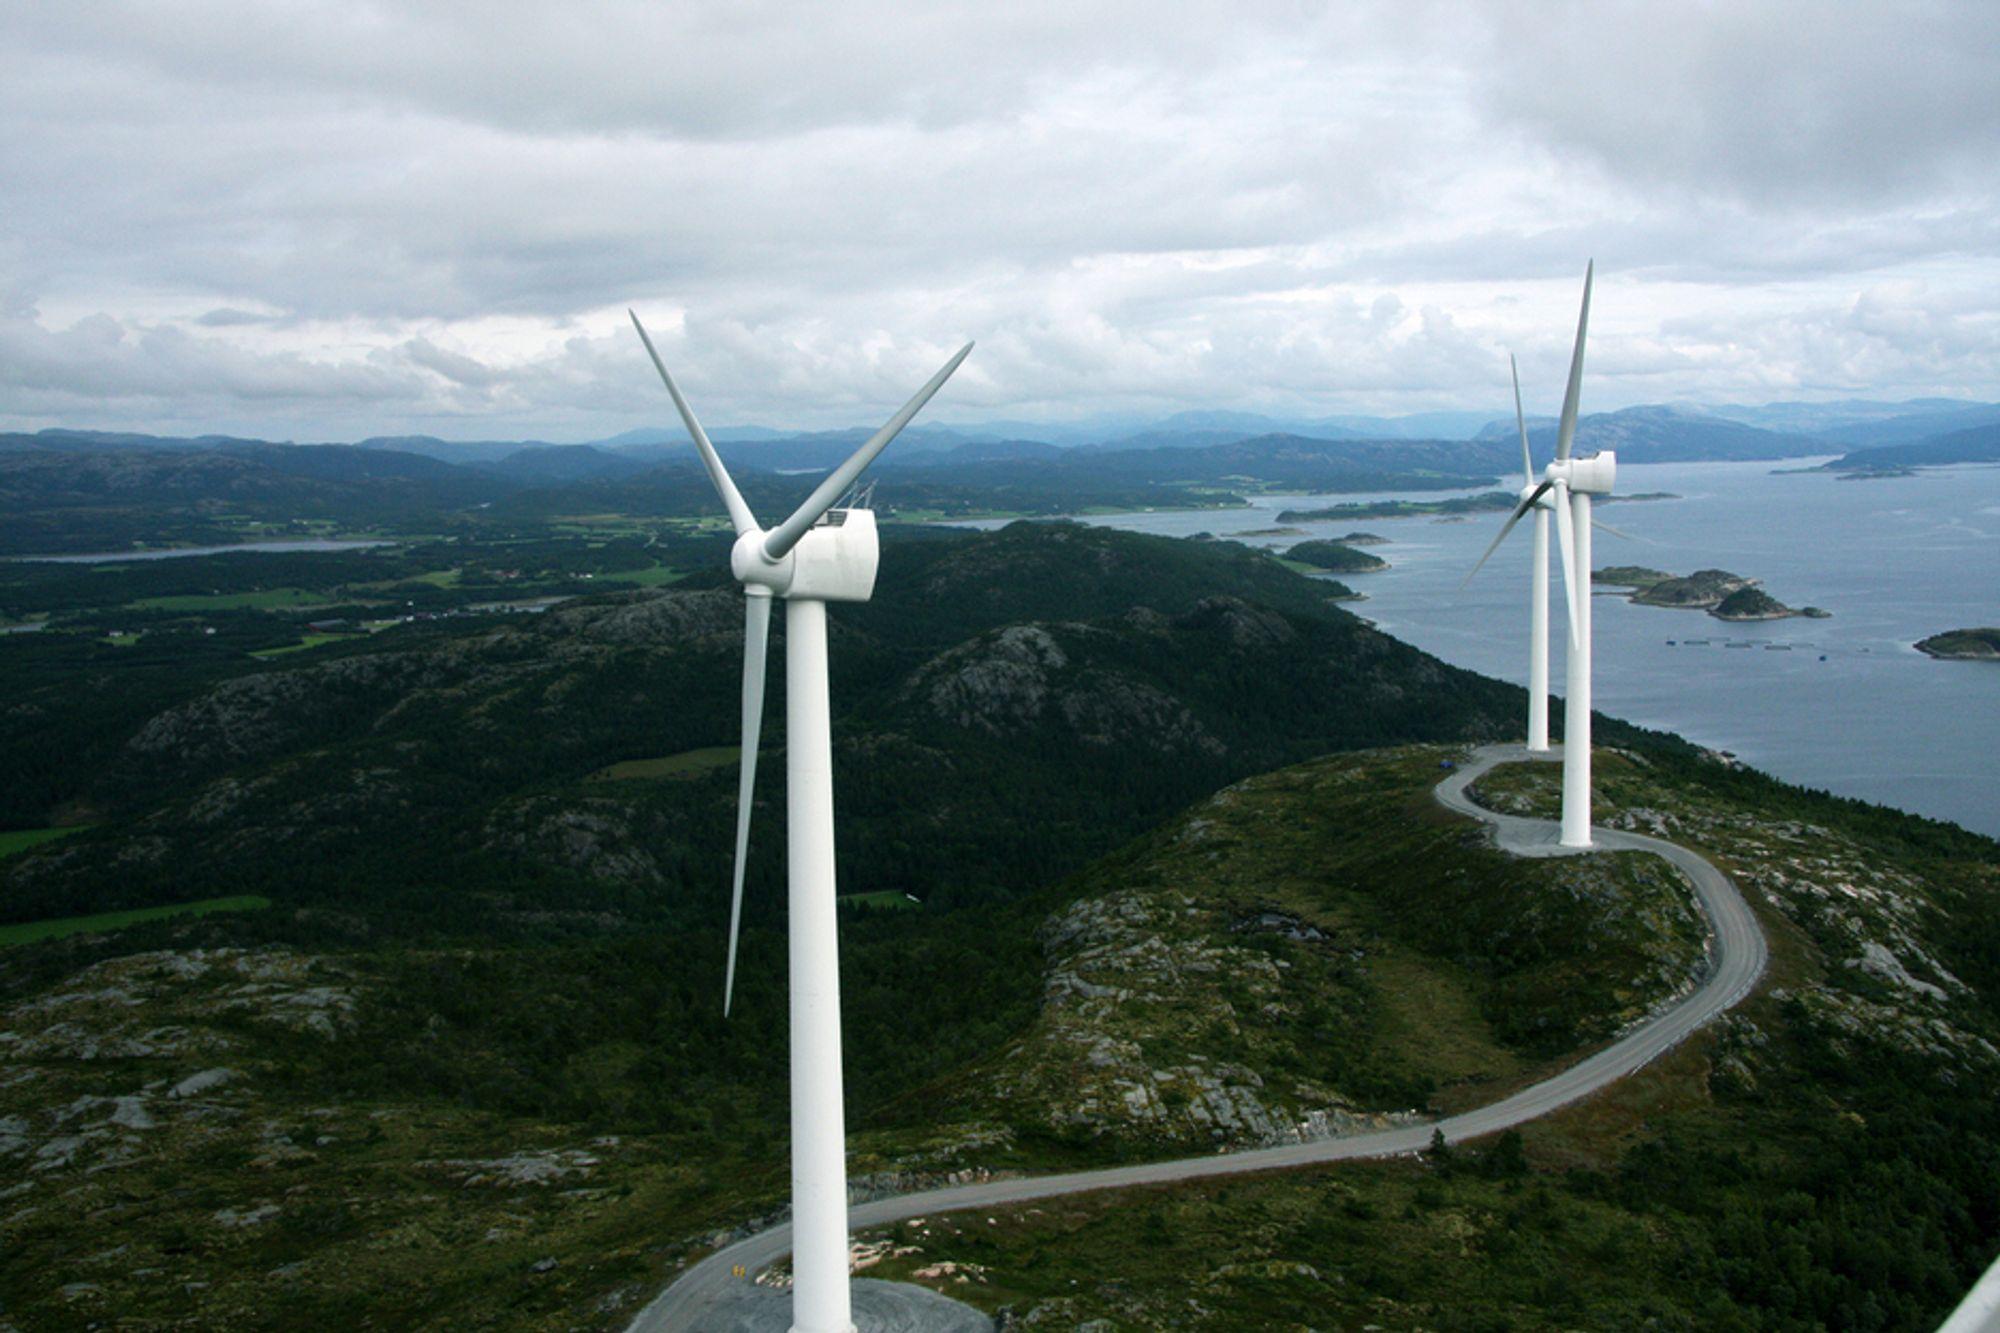 STORT SPRIK: -Det er stort sprik mellom klimaambisjoner og satsing, ifølge NHO.